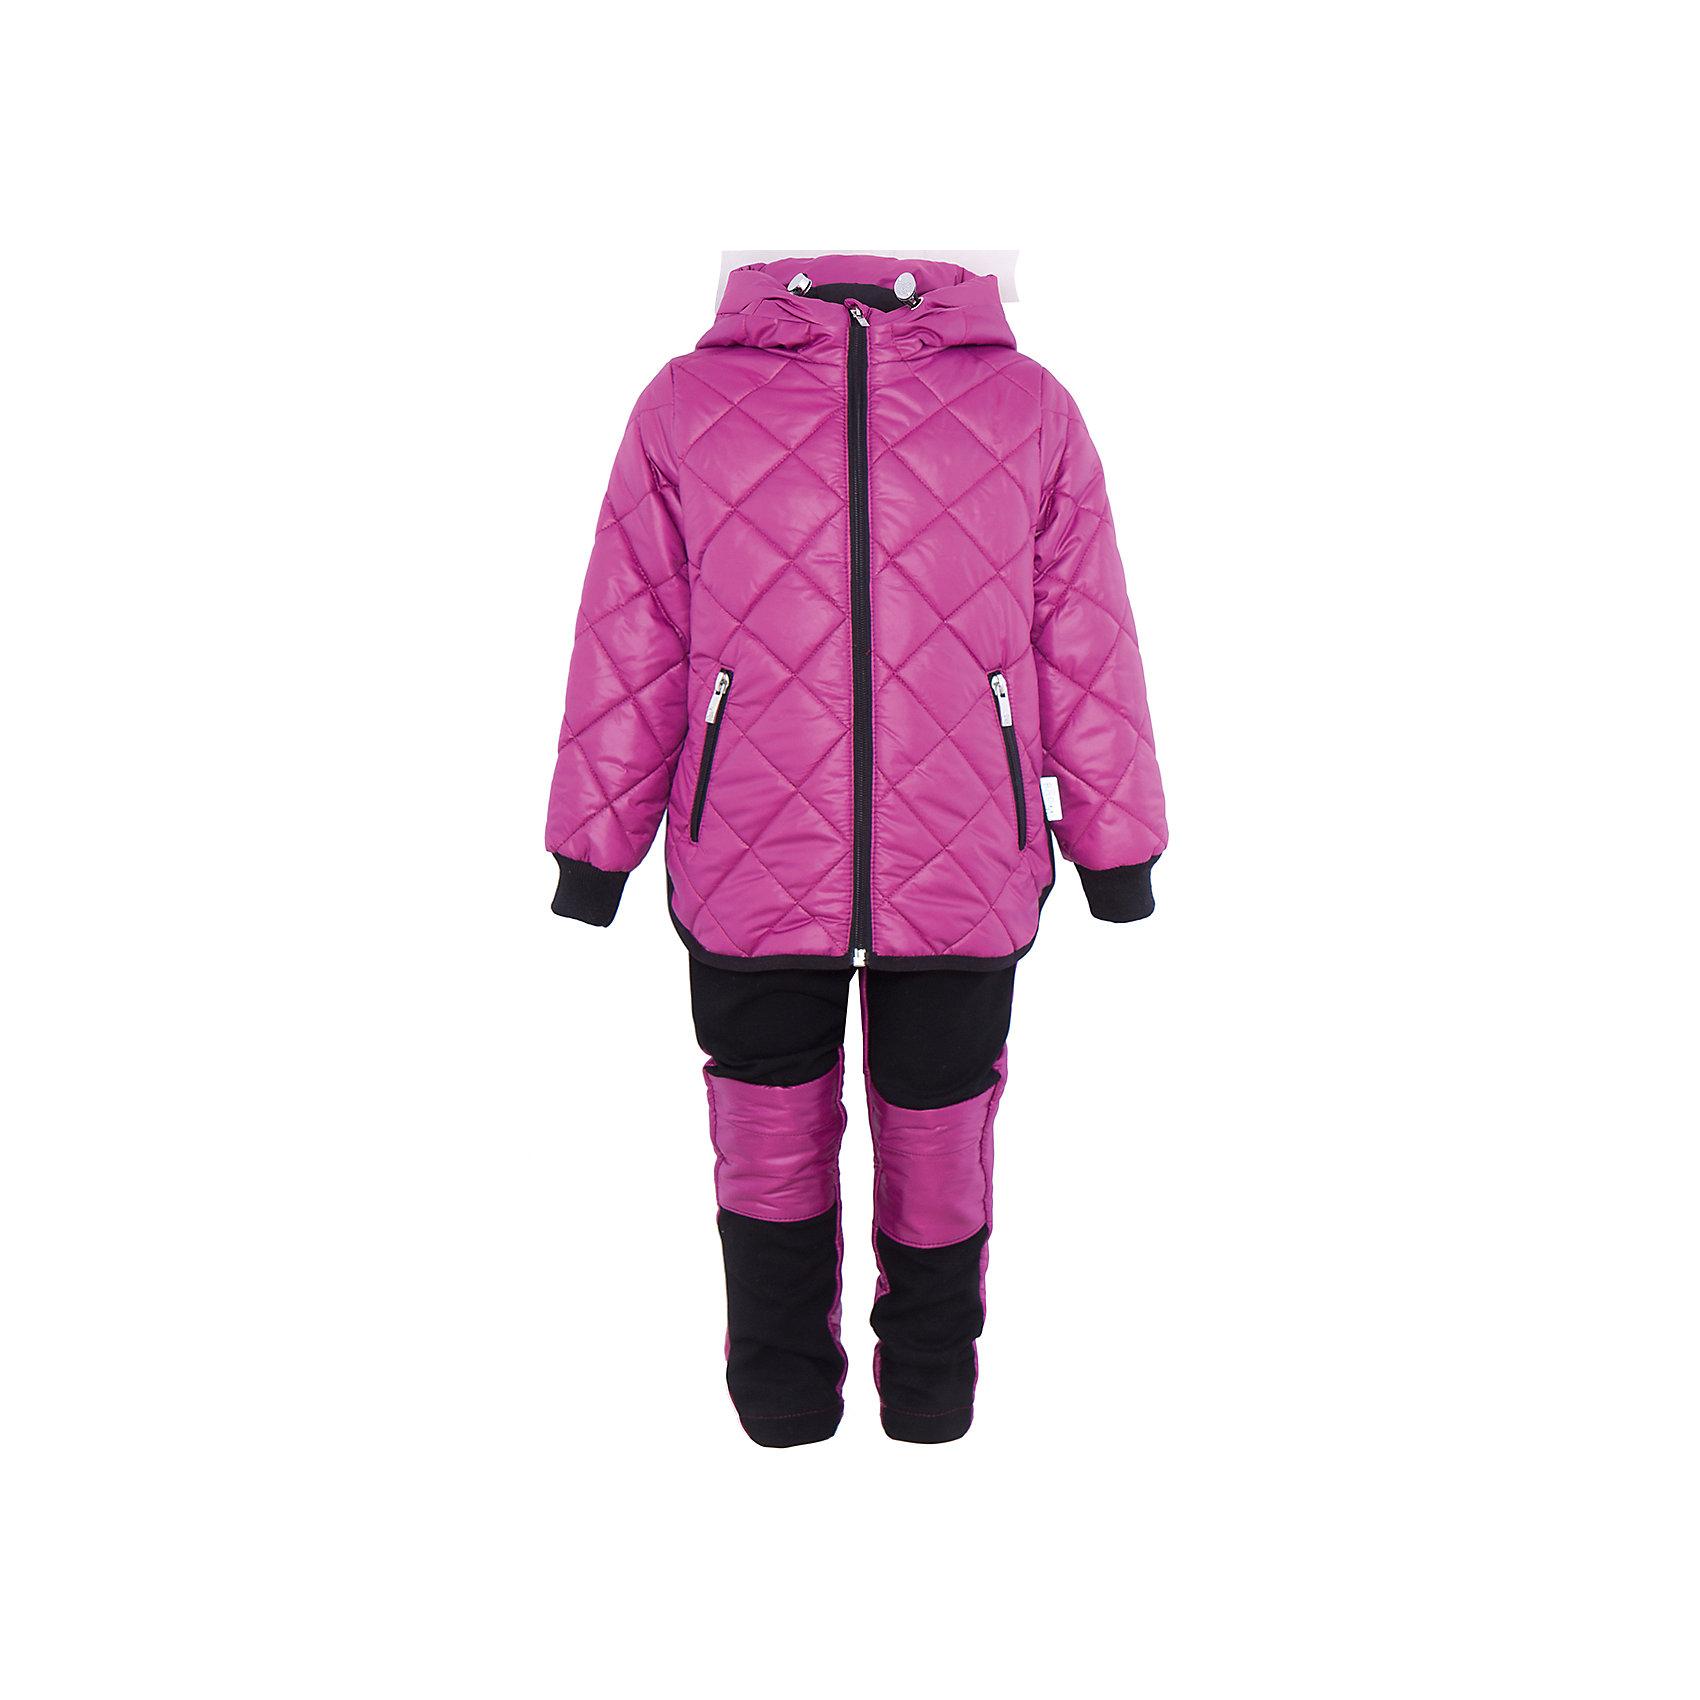 Комплект для девочки BOOM by OrbyВерхняя одежда<br>Характеристики товара:<br><br>• цвет: розовый/черный<br>• состав: 100% полиэстер<br>• курточка: верх - таффета, подкладка - поликоттон, полиэстер, утеплитель: Flexy Fiber 150 г/м2<br>• брюки: верх - костюмный трикотаж с начесом, подкладка - флис<br>• комплектация: куртка, брюки<br>• температурный режим: от -5 С° до +10 С° <br>• капюшон (не отстегивается)<br>• карманы на молнии<br>• застежка - молния<br>• убирающаяся корона на капюшоне<br>• накладки на коленях<br>• куртка декорирована вышивкой<br>• эластичные манжеты<br>• комфортная посадка<br>• страна производства: Российская Федерация<br>• страна бренда: Российская Федерация<br>• коллекция: весна-лето 2017<br><br>Такой комплект - универсальный вариант для межсезонья с постоянно меняющейся погодой. Эта модель - модная и удобная одновременно! Изделие отличается стильным ярким дизайном. Куртка и брюки хорошо сидят по фигуре, отлично сочетается с различной обувью. Модель была разработана специально для детей.<br><br>Одежда от российского бренда BOOM by Orby уже завоевала популярностью у многих детей и их родителей. Вещи, выпускаемые компанией, качественные, продуманные и очень удобные. Для производства коллекций используются только безопасные для детей материалы. Спешите приобрести модели из новой коллекции Весна-лето 2017! <br><br>Комплект для девочки от бренда BOOM by Orby можно купить в нашем интернет-магазине.<br><br>Ширина мм: 356<br>Глубина мм: 10<br>Высота мм: 245<br>Вес г: 519<br>Цвет: фиолетовый<br>Возраст от месяцев: 36<br>Возраст до месяцев: 48<br>Пол: Женский<br>Возраст: Детский<br>Размер: 104,122,86,92,98,110,116<br>SKU: 5343149